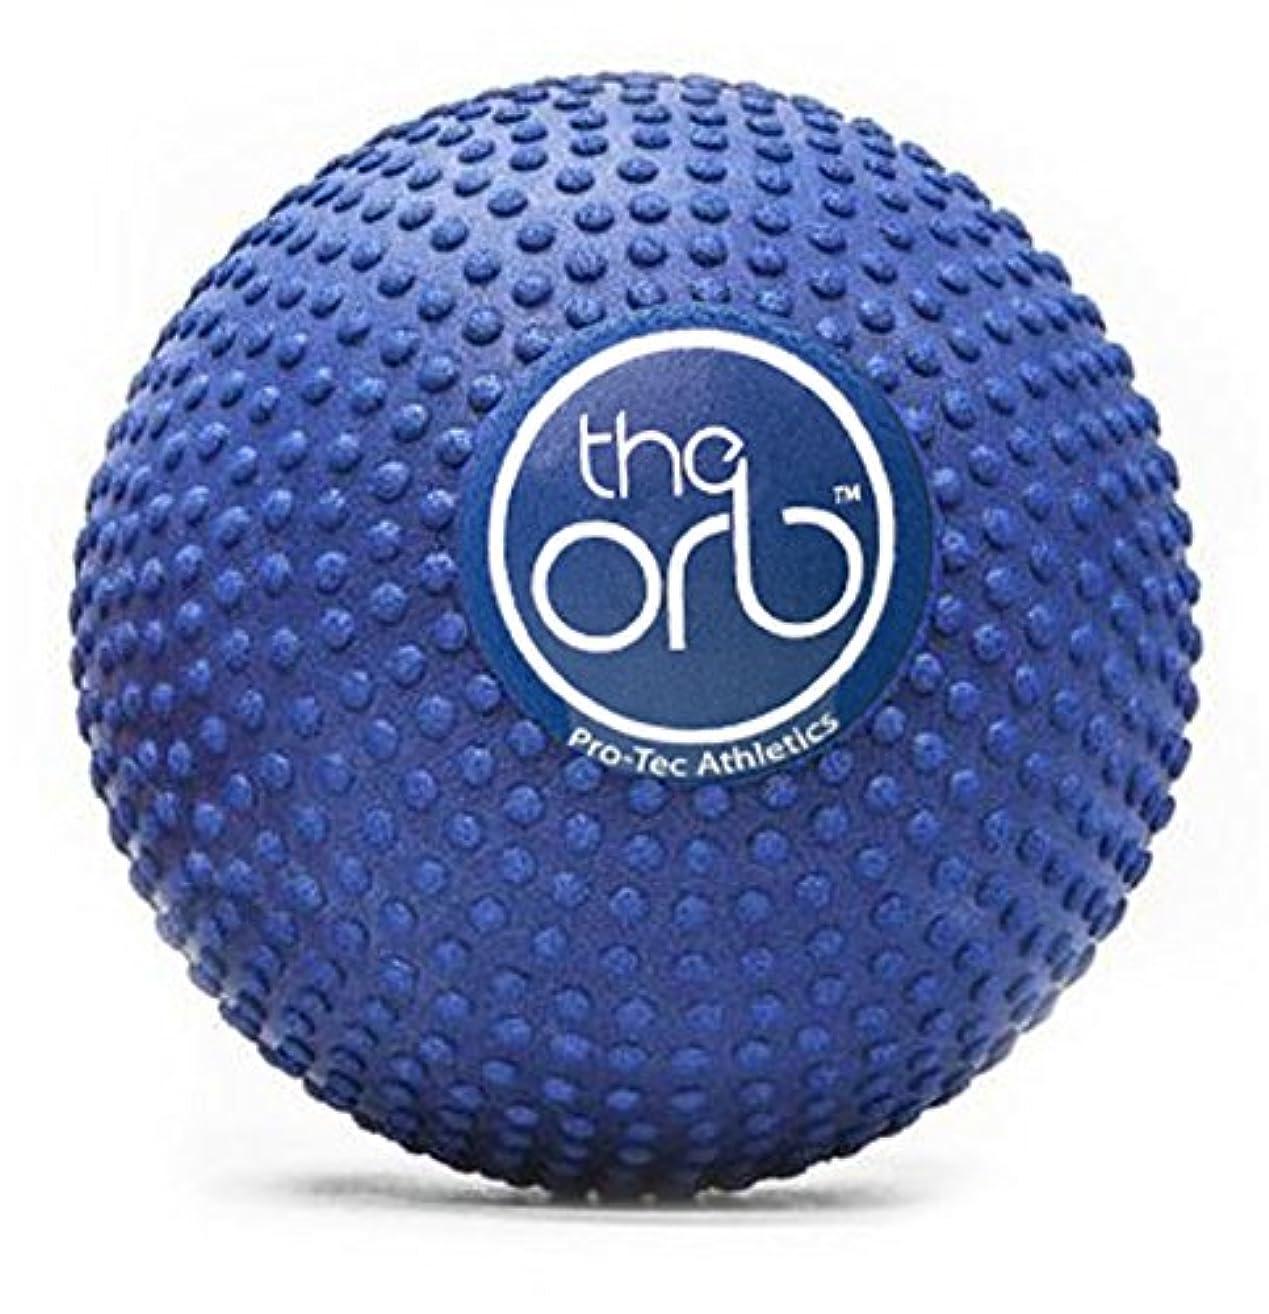 穴種子猫Pro-Tec Athletics(プロテックアスレチックス) The Orb 5